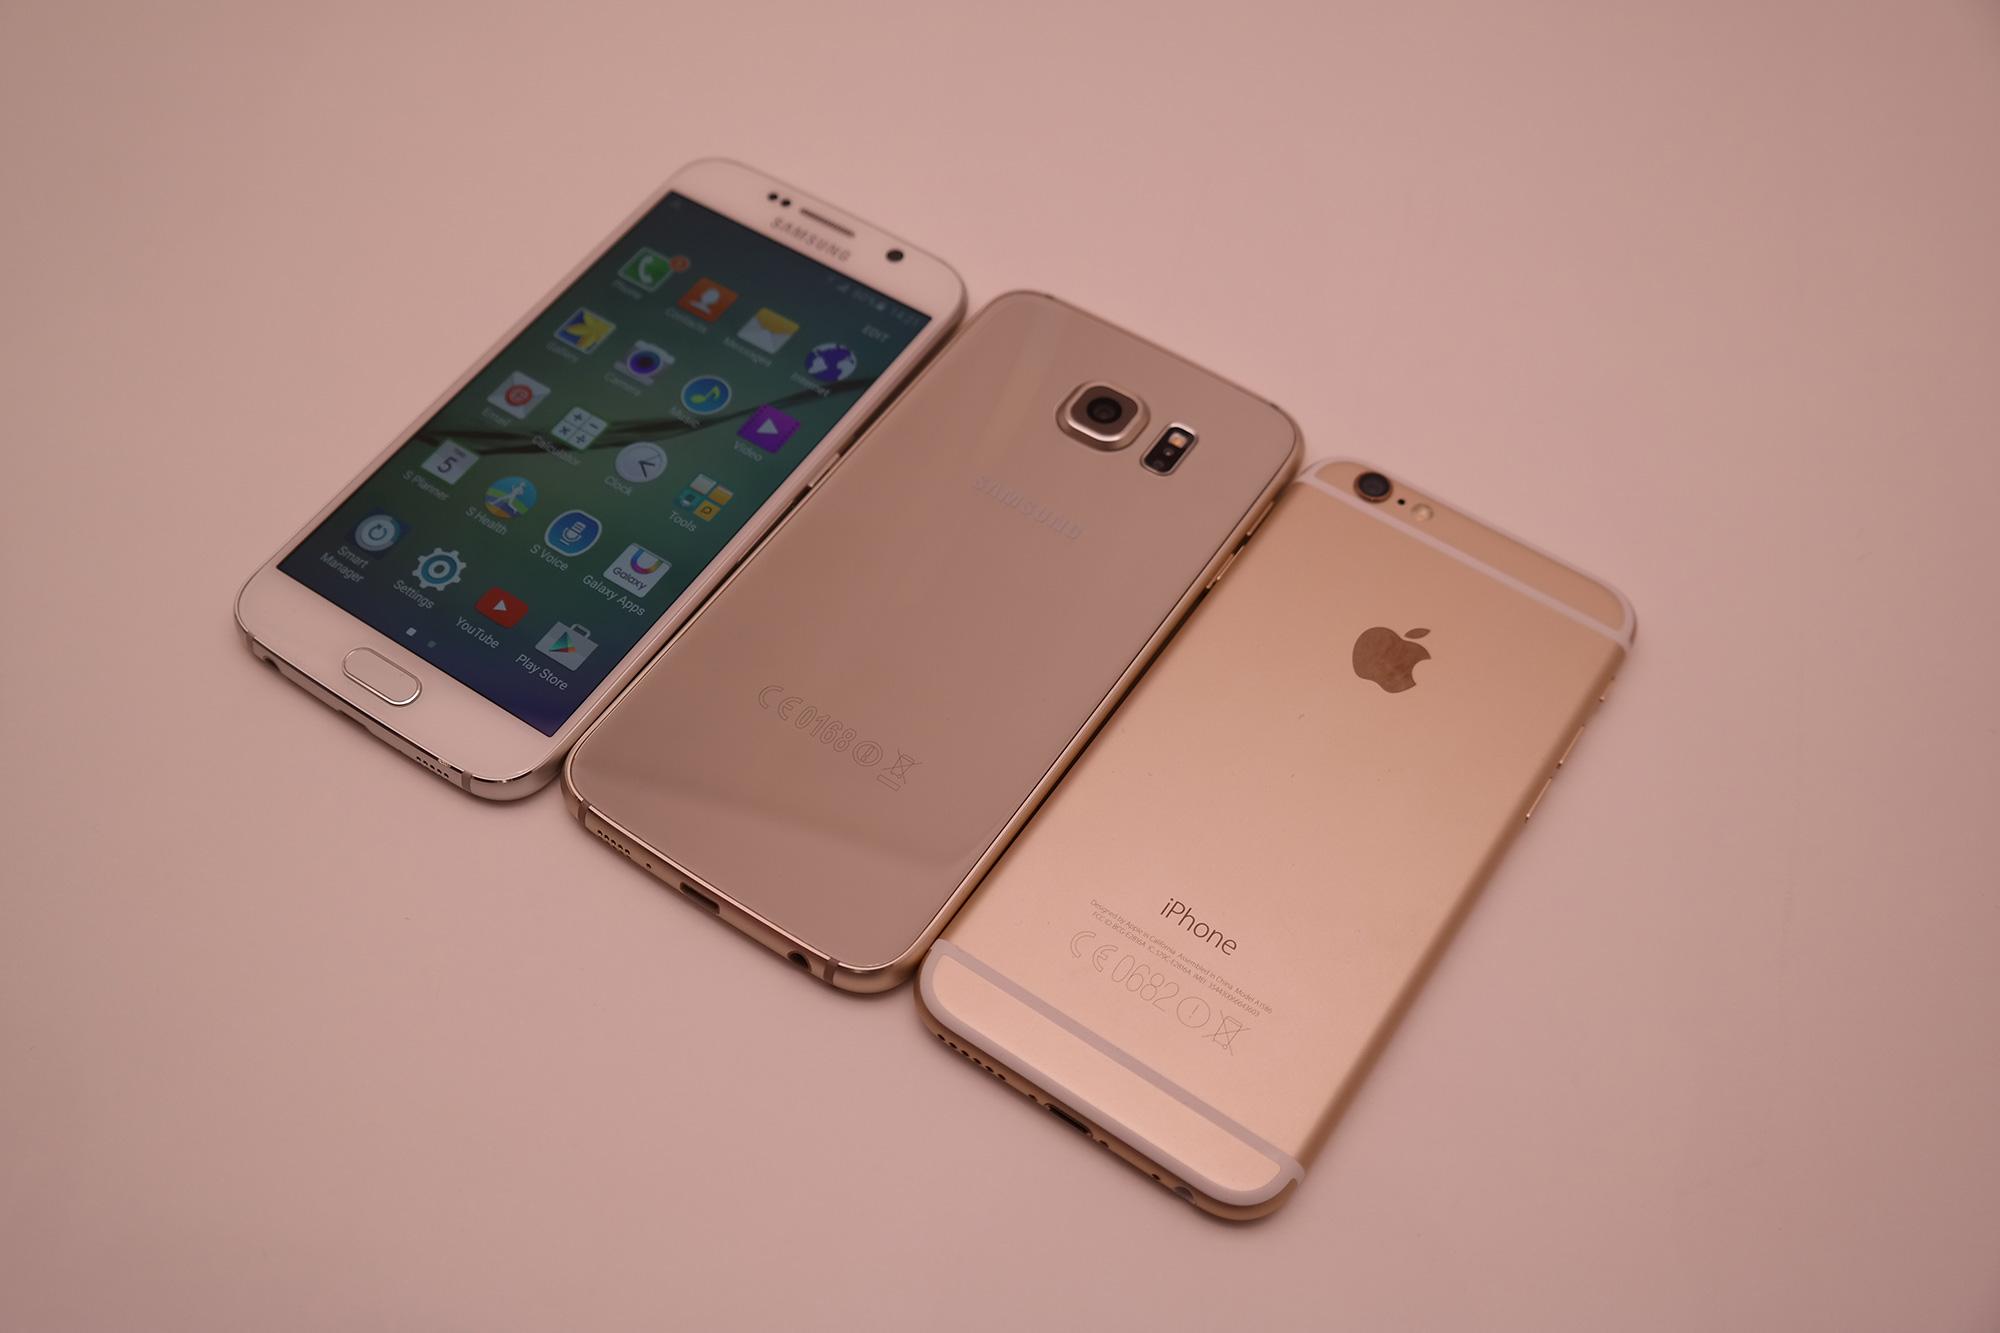 SamsungGalaxyS6_iPhone6_Design-1